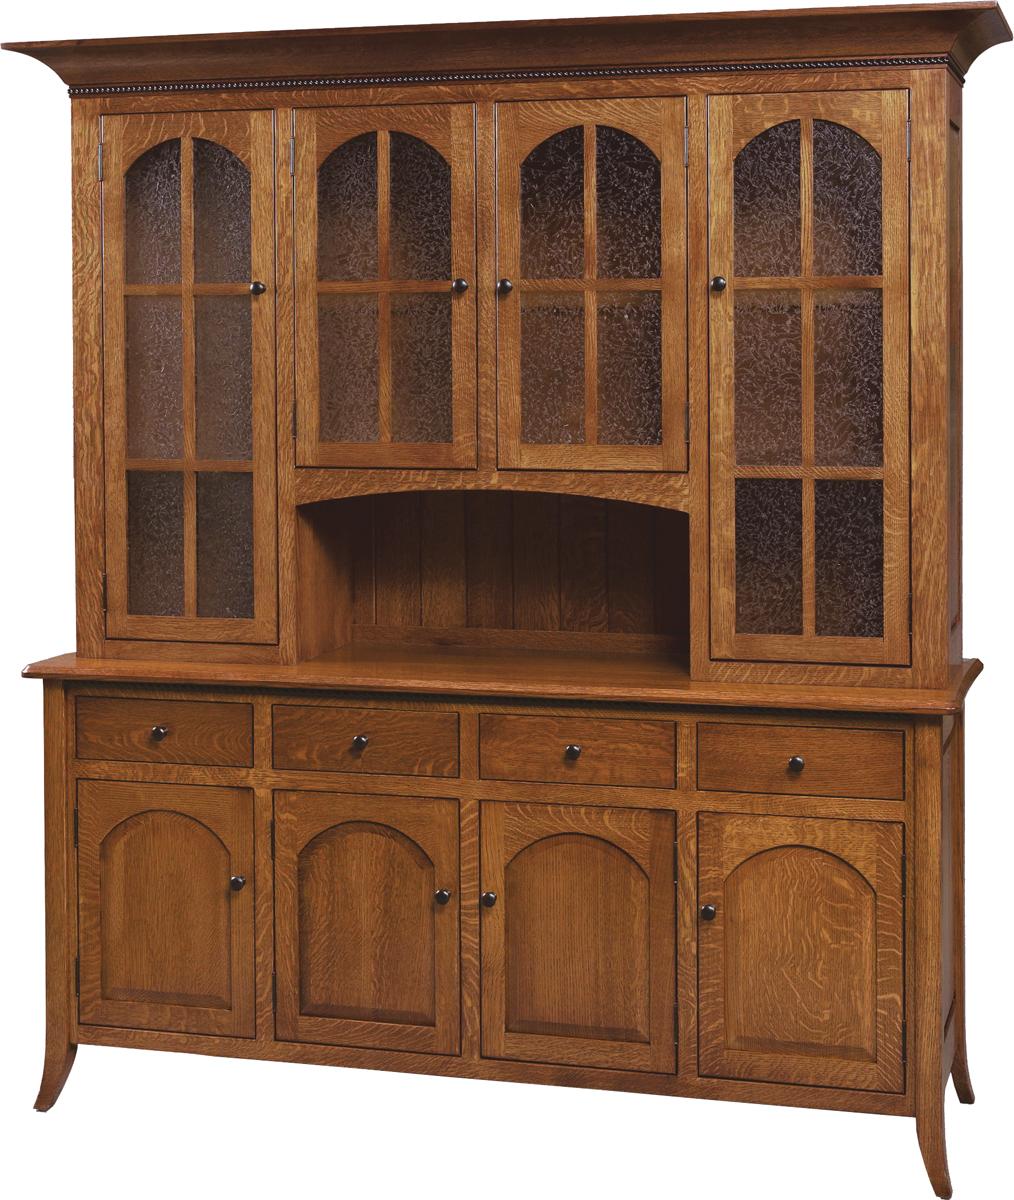 Bunker Hill Buffet Hutch Amish Furniture Designed